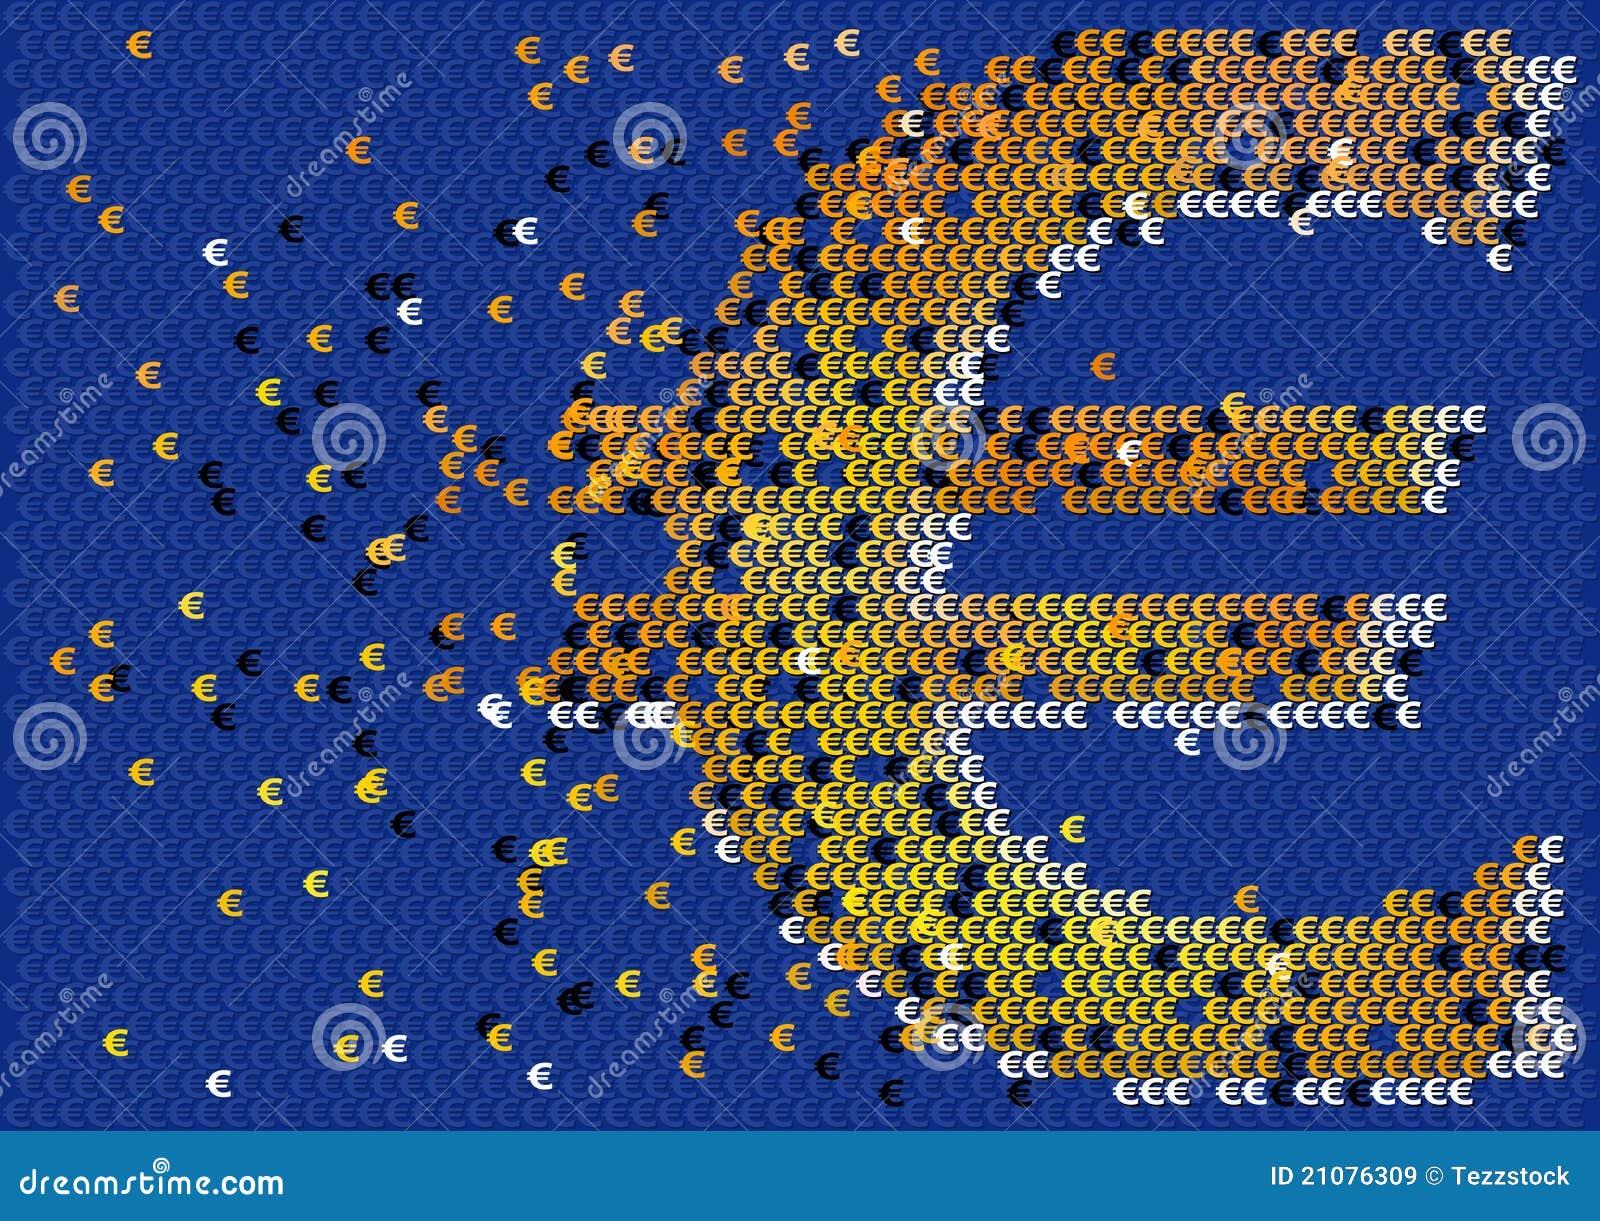 Euro cash flow